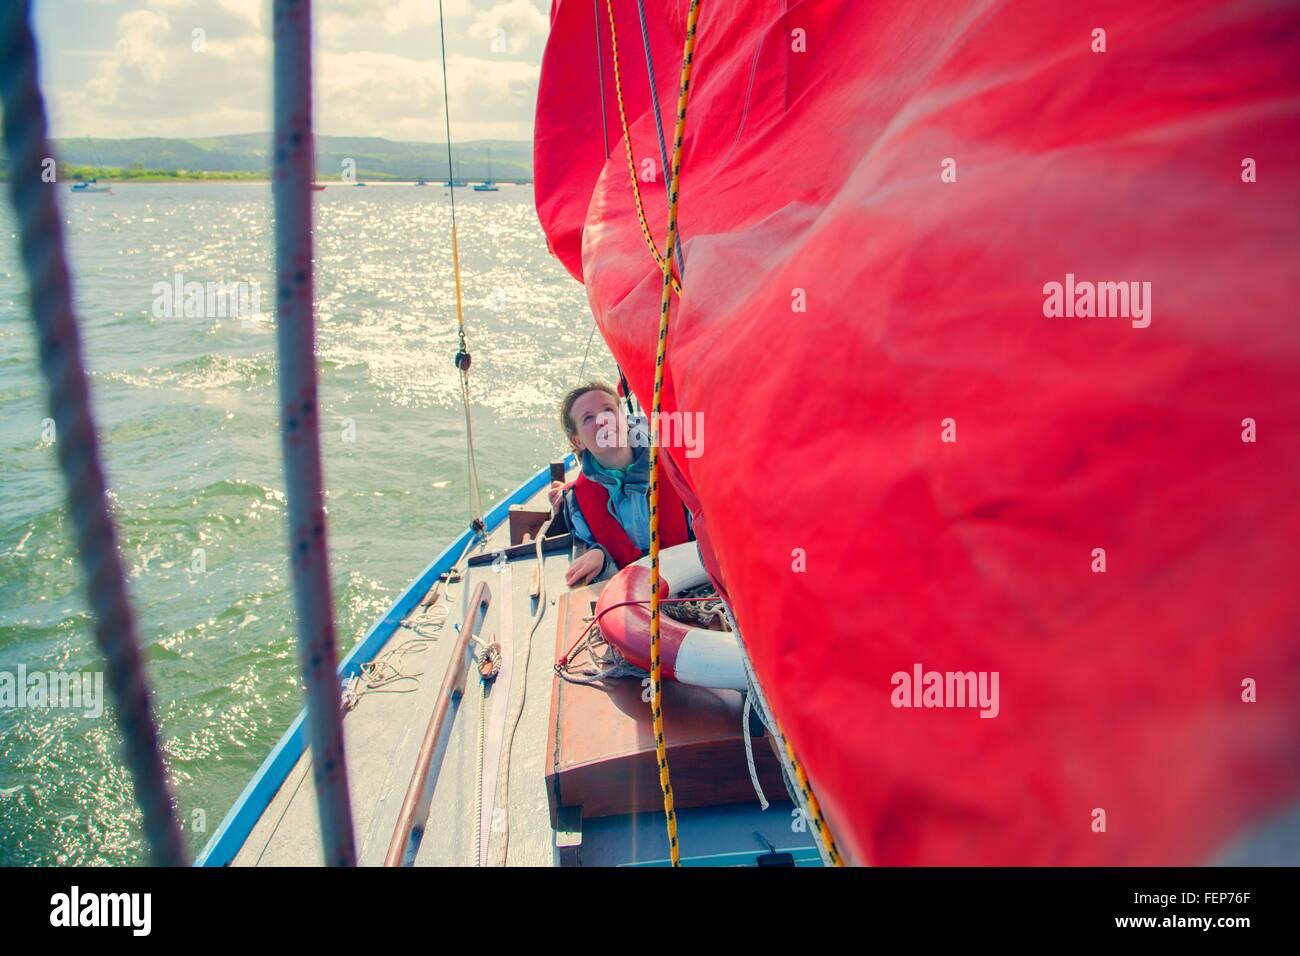 Mid adult woman sur bateau à voile Photo Stock